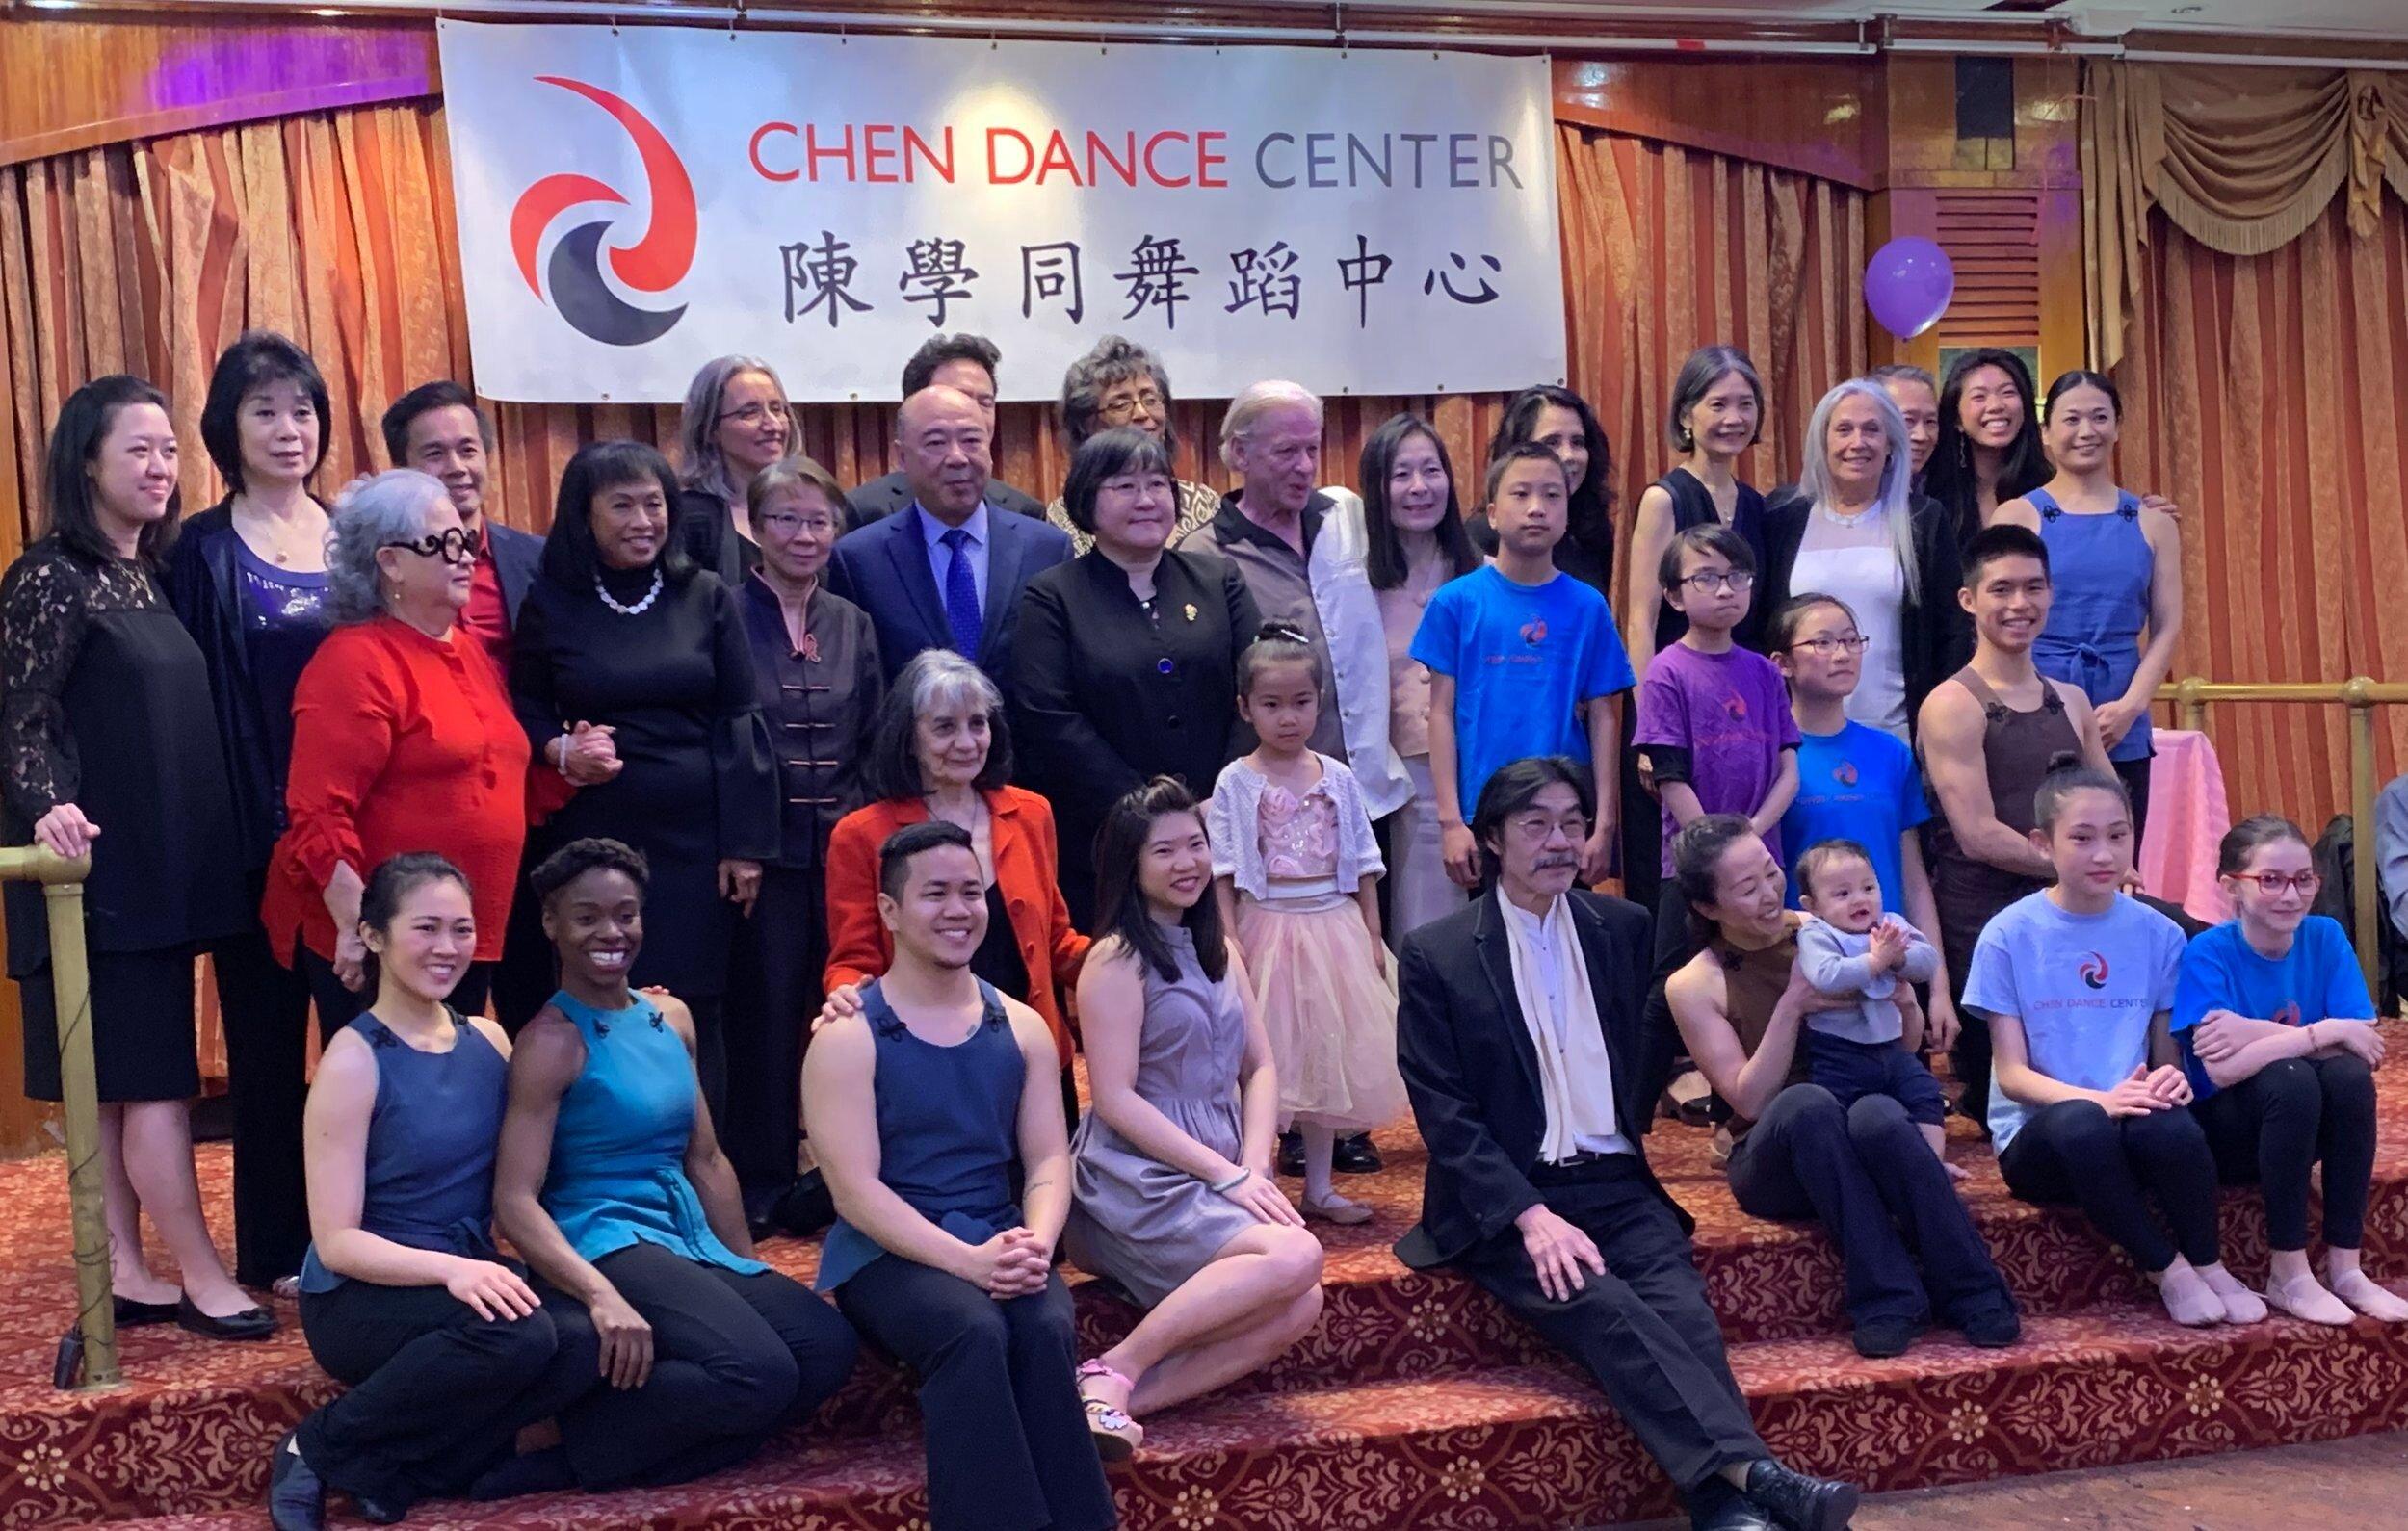 Chen+dance+gala.jpg